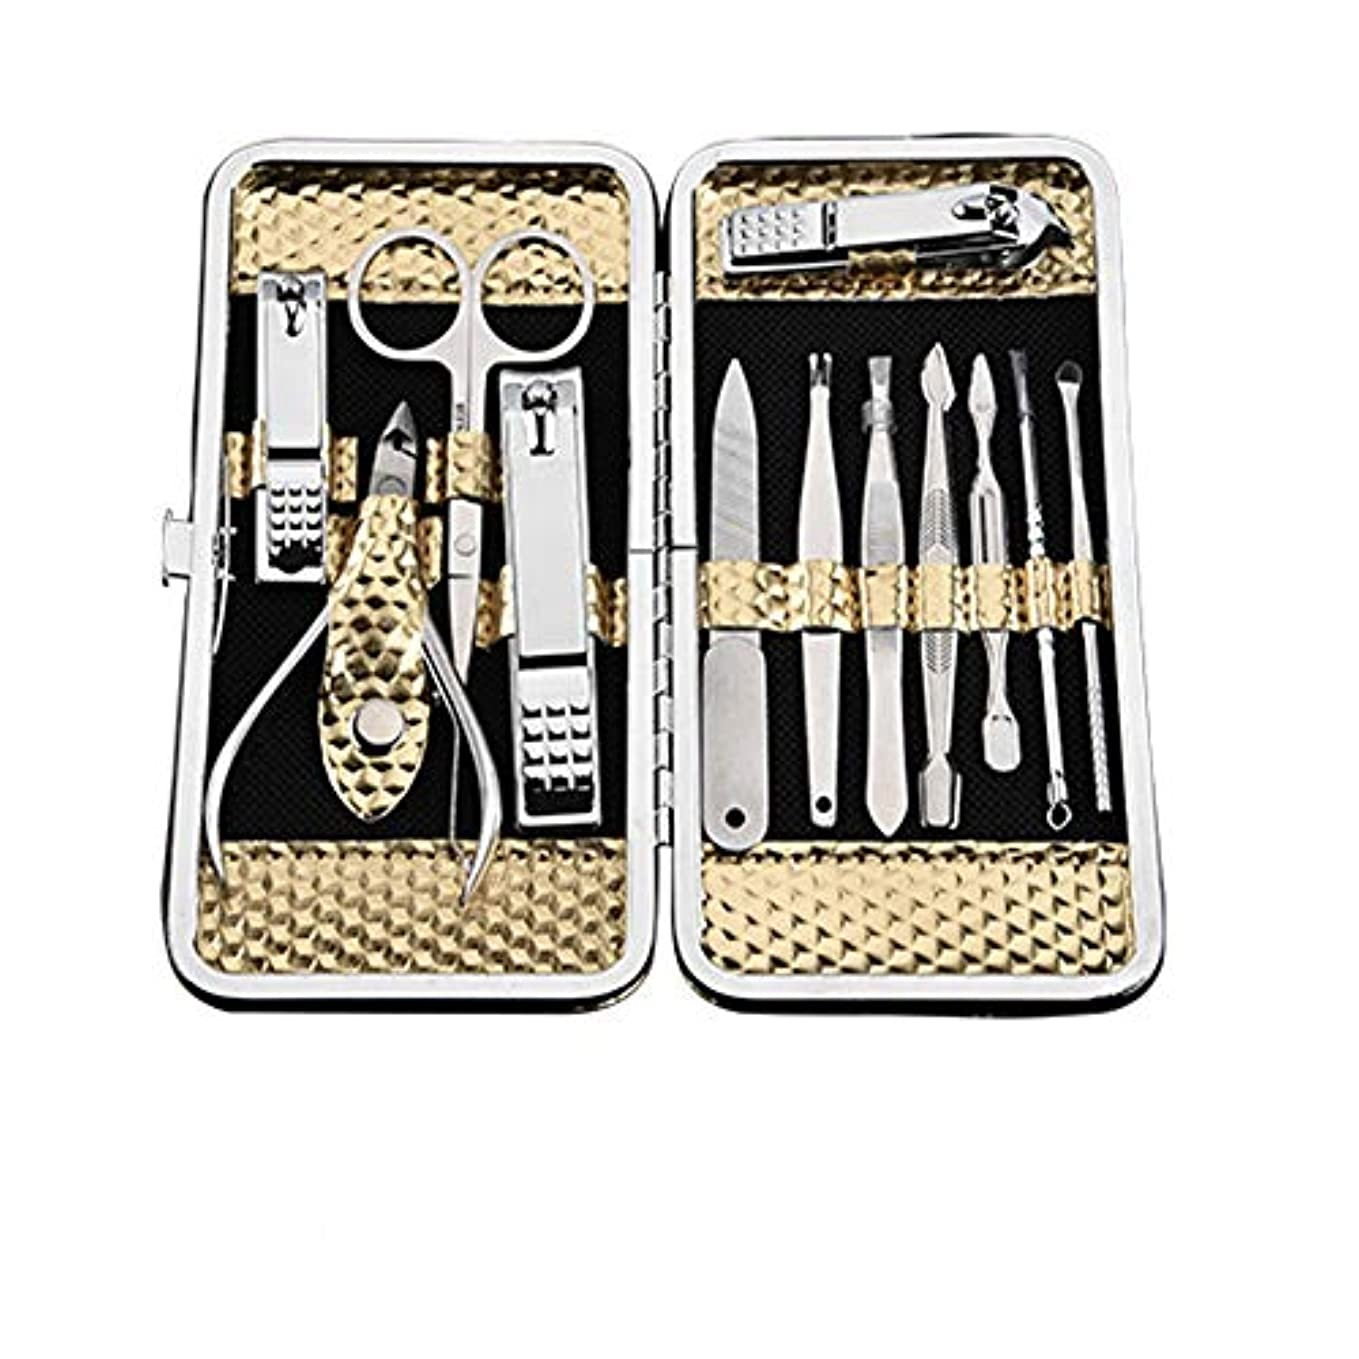 単独で比較障害者12点セット爪切り美容ツールのステンレス鋼の爪切りセット